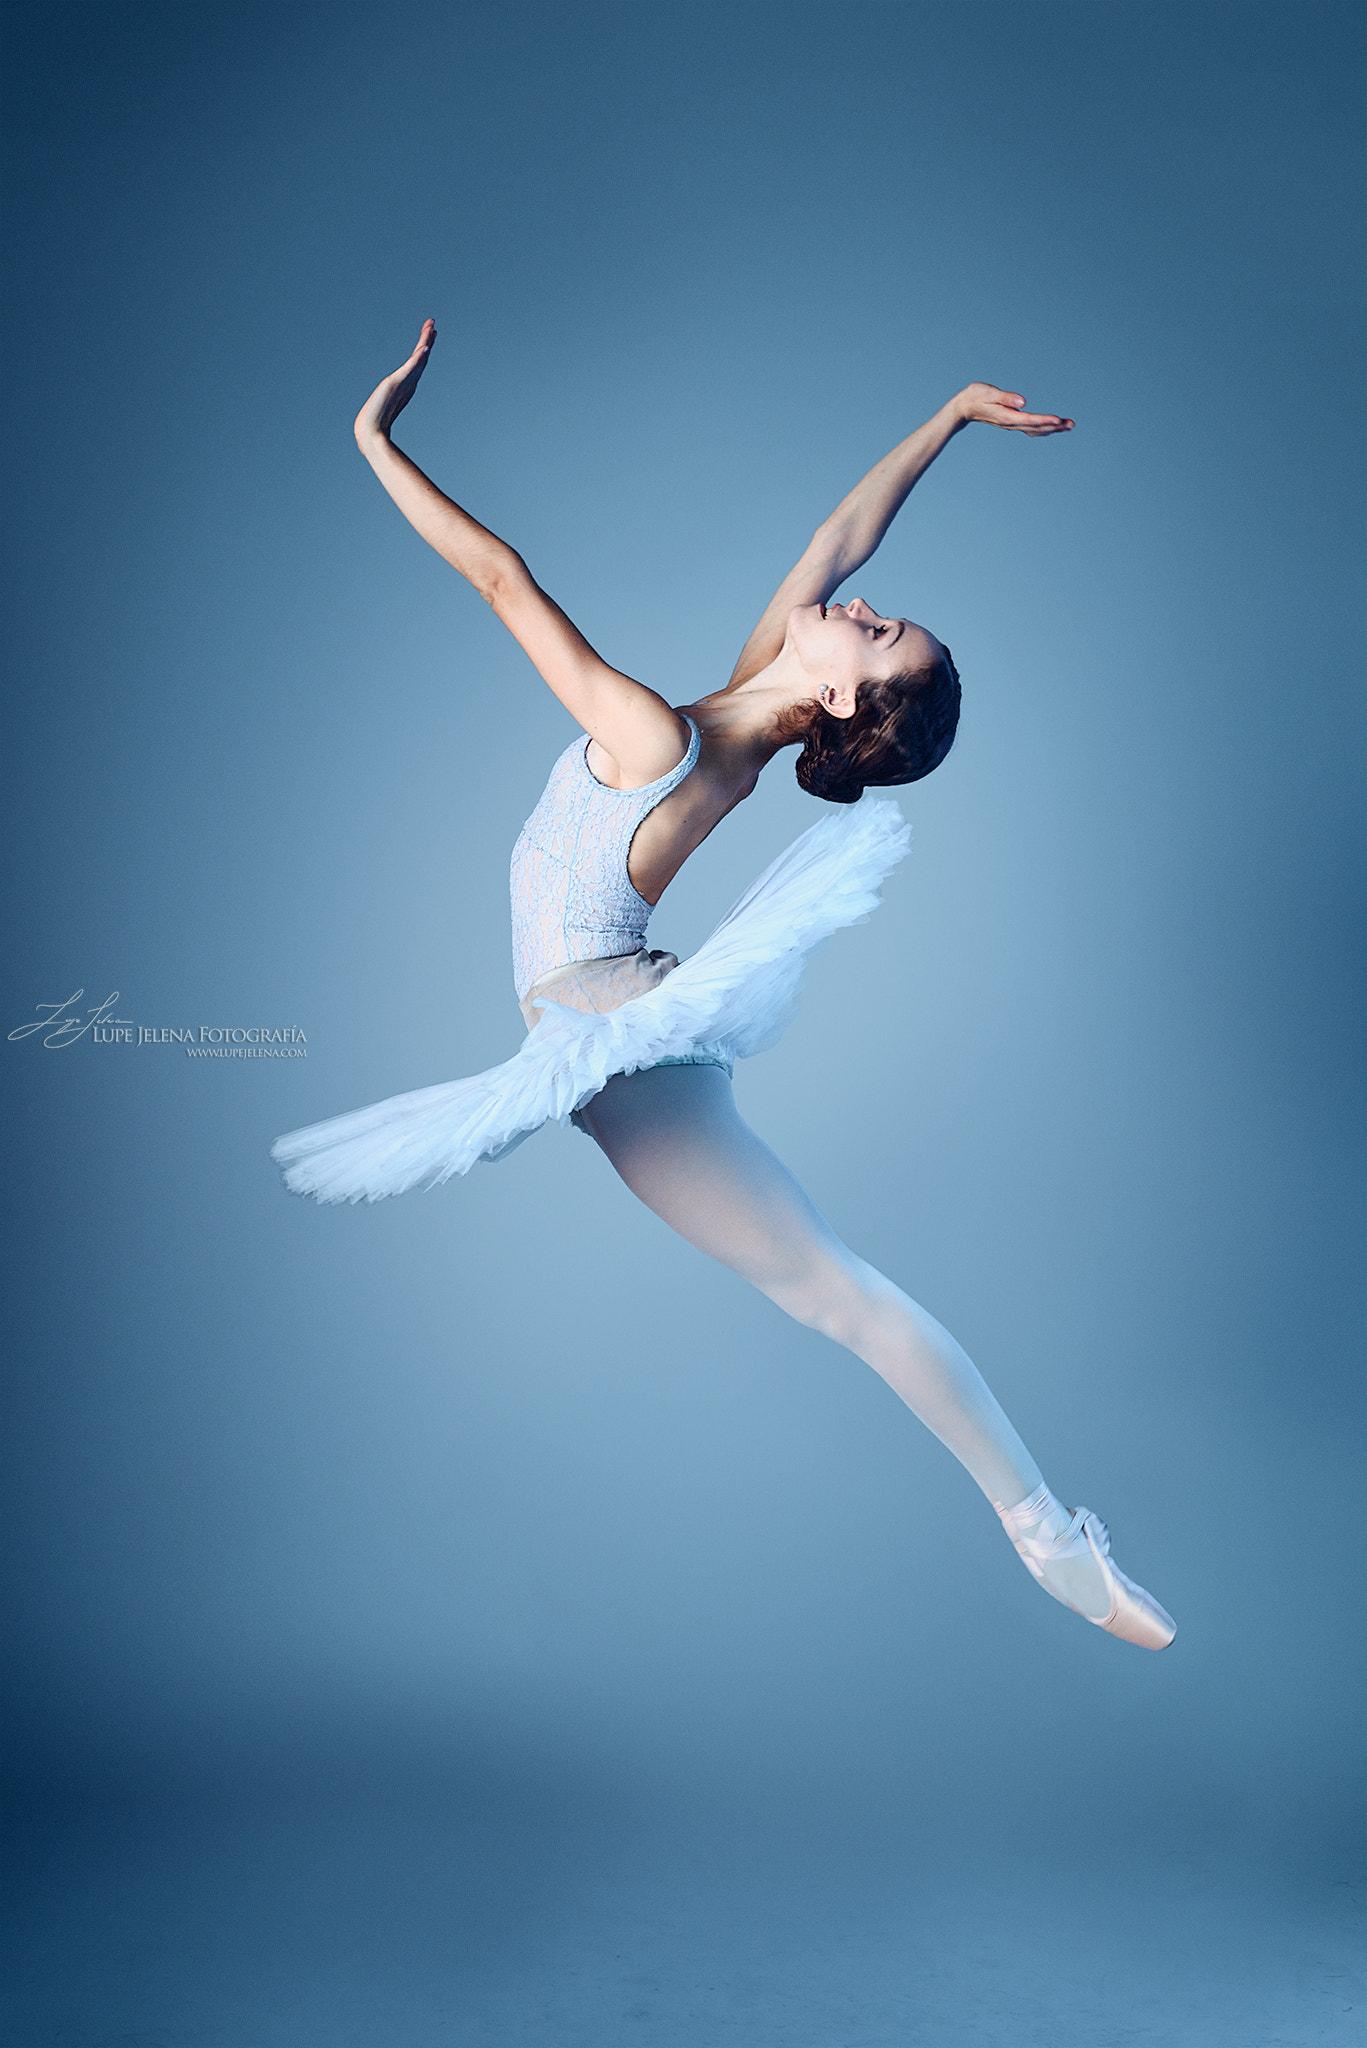 Wallpaper Lupe Jelena 500px Women Model Jumping Ballerina Blue Dancer 1367x2048 Wallpapermaniac 1175547 Hd Wallpapers Wallhere